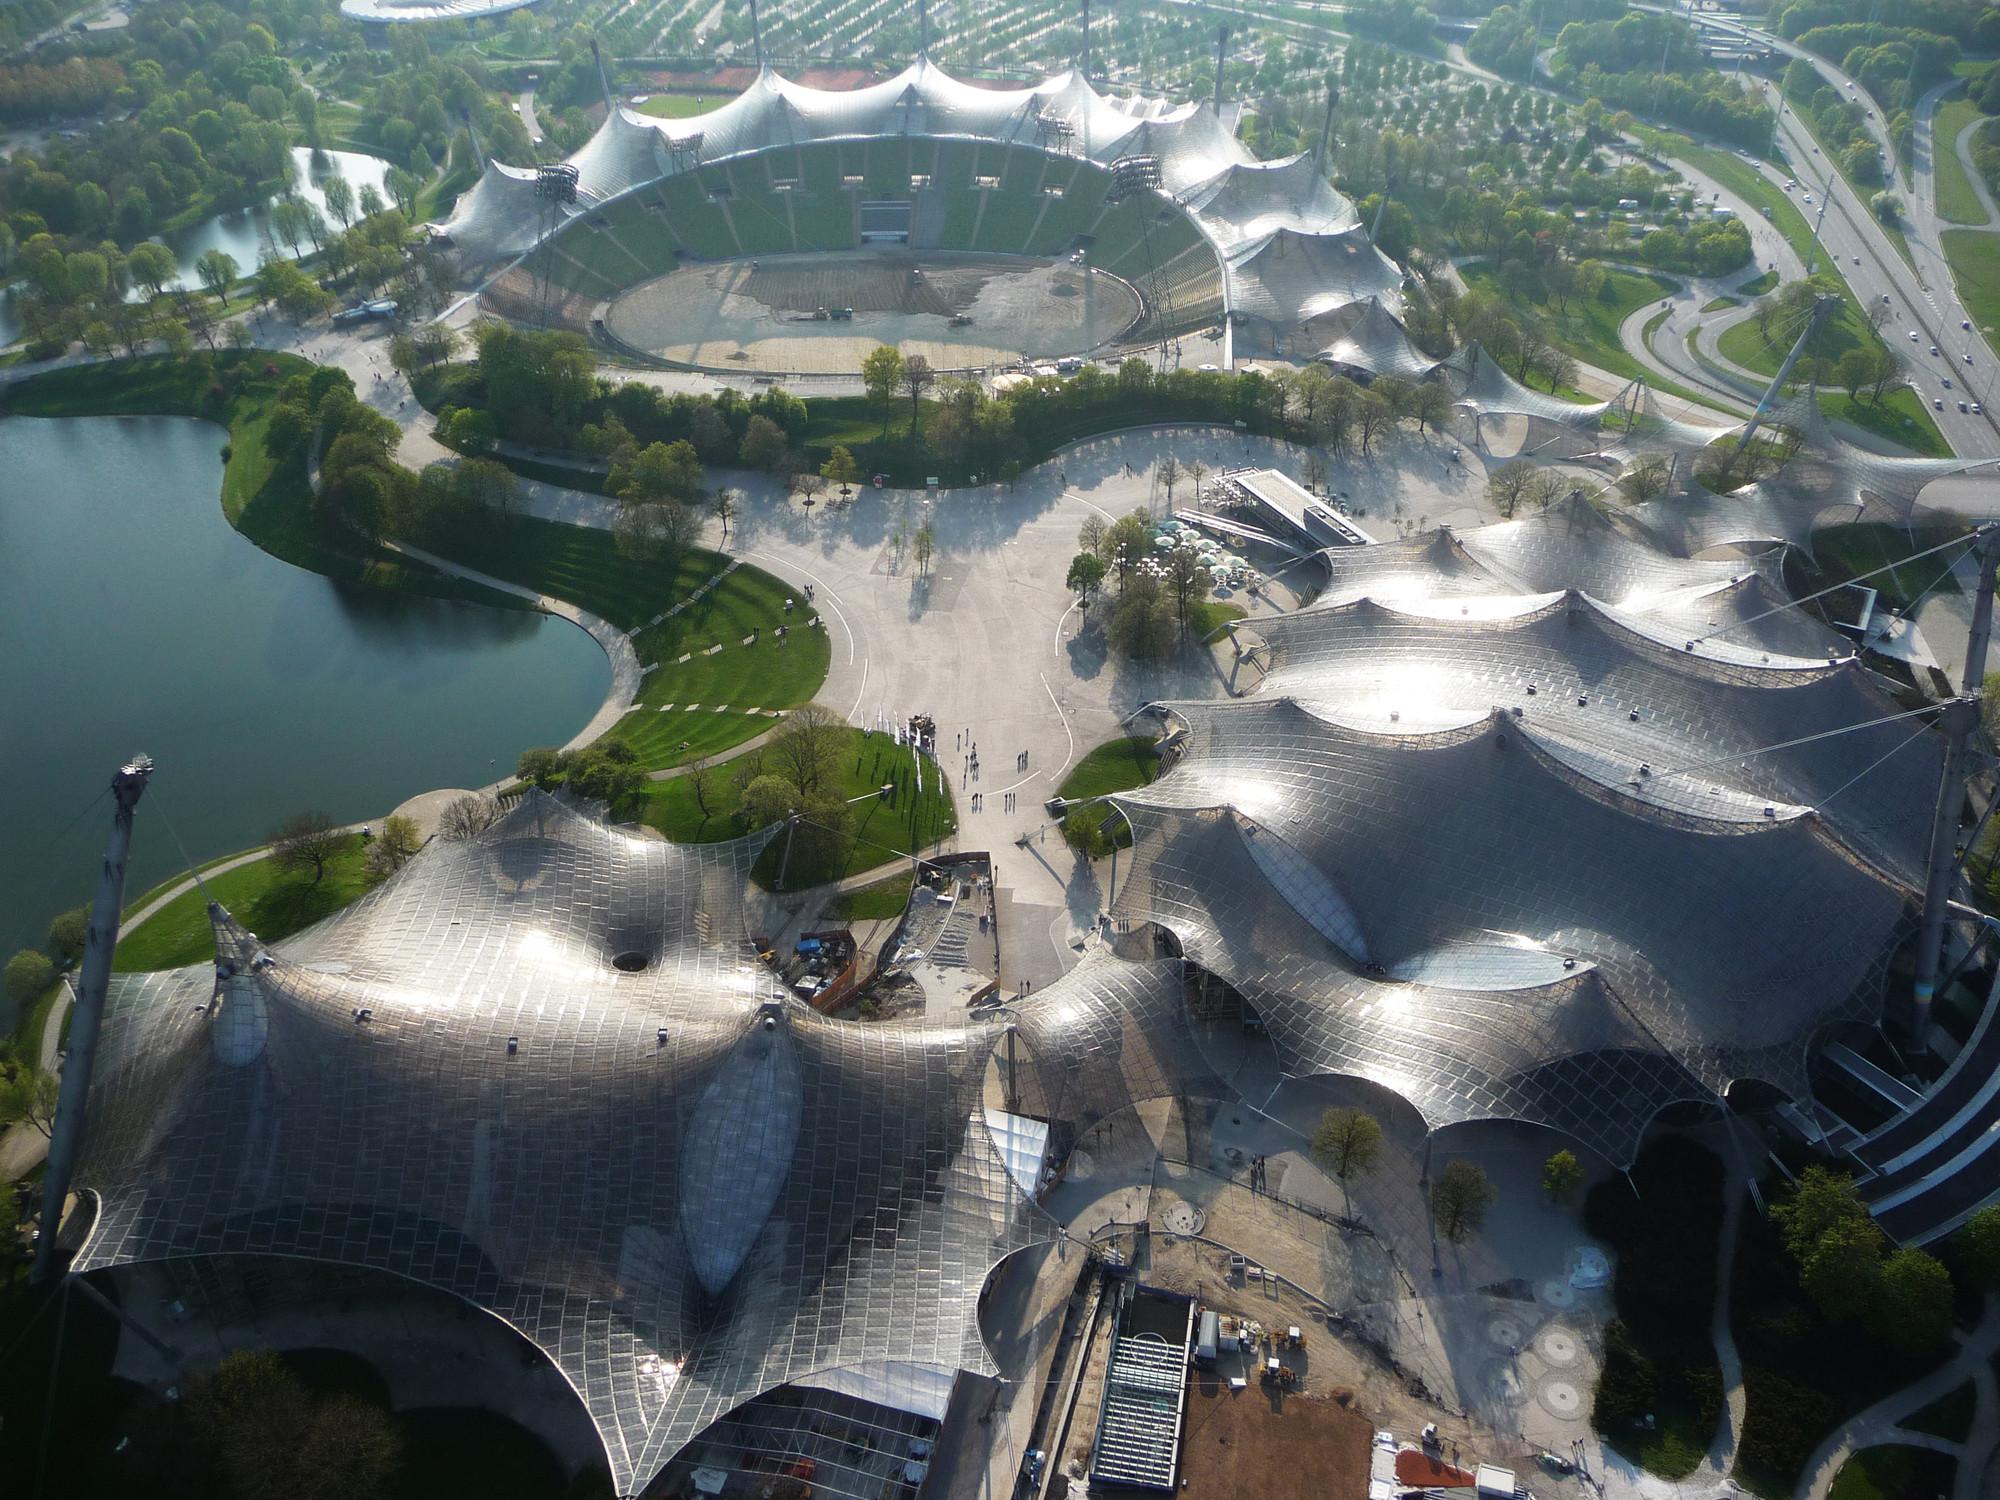 Фрай Пауль Отто занимался проектированием спортивных объектов для Олимпийских игр 1972 года в Мюнхене. Результатом стала натяжная крыша над плавательным бассейном, спортивным залом и главным стадионом. В 2015 году за это сооружение Отто посмертно стал 40-м лауреатом Притцкеровской премии